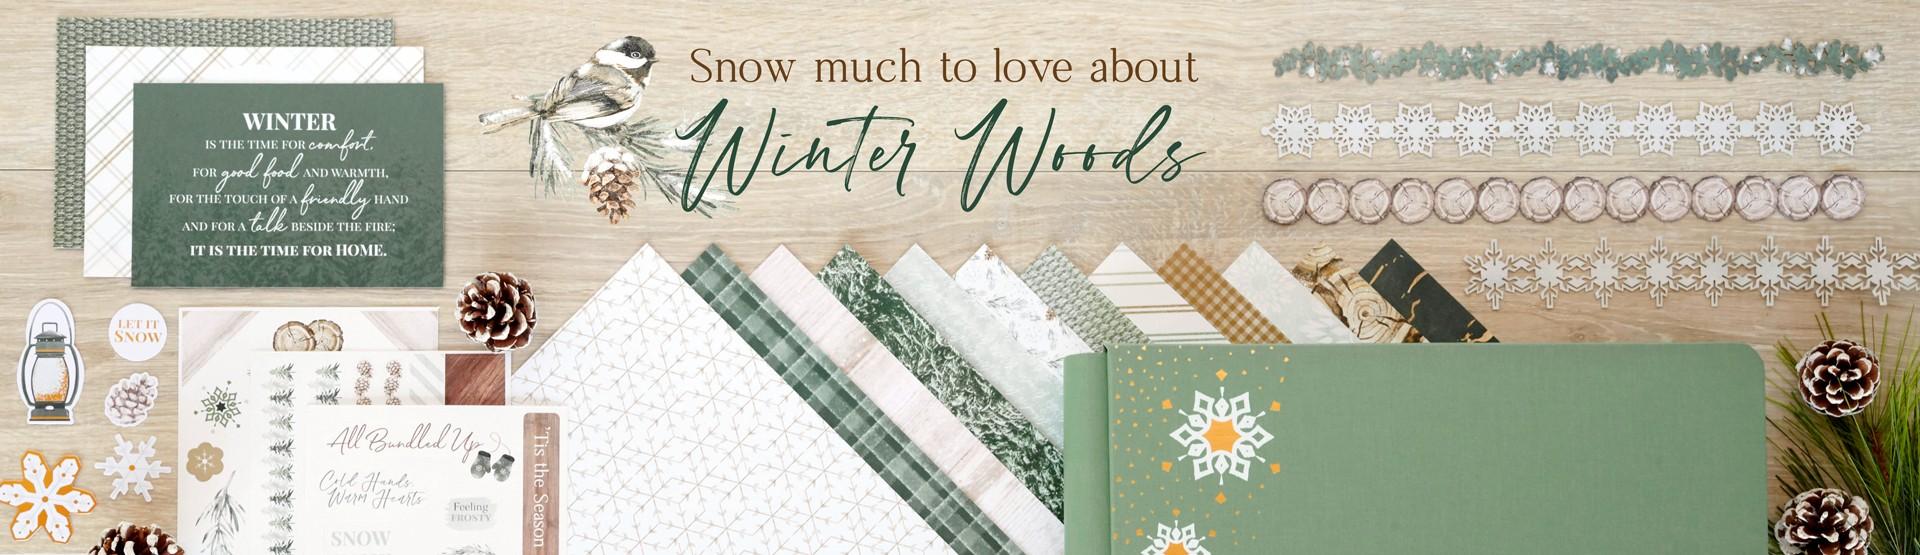 Winter Scrapbooking Supplies: Winter Woods